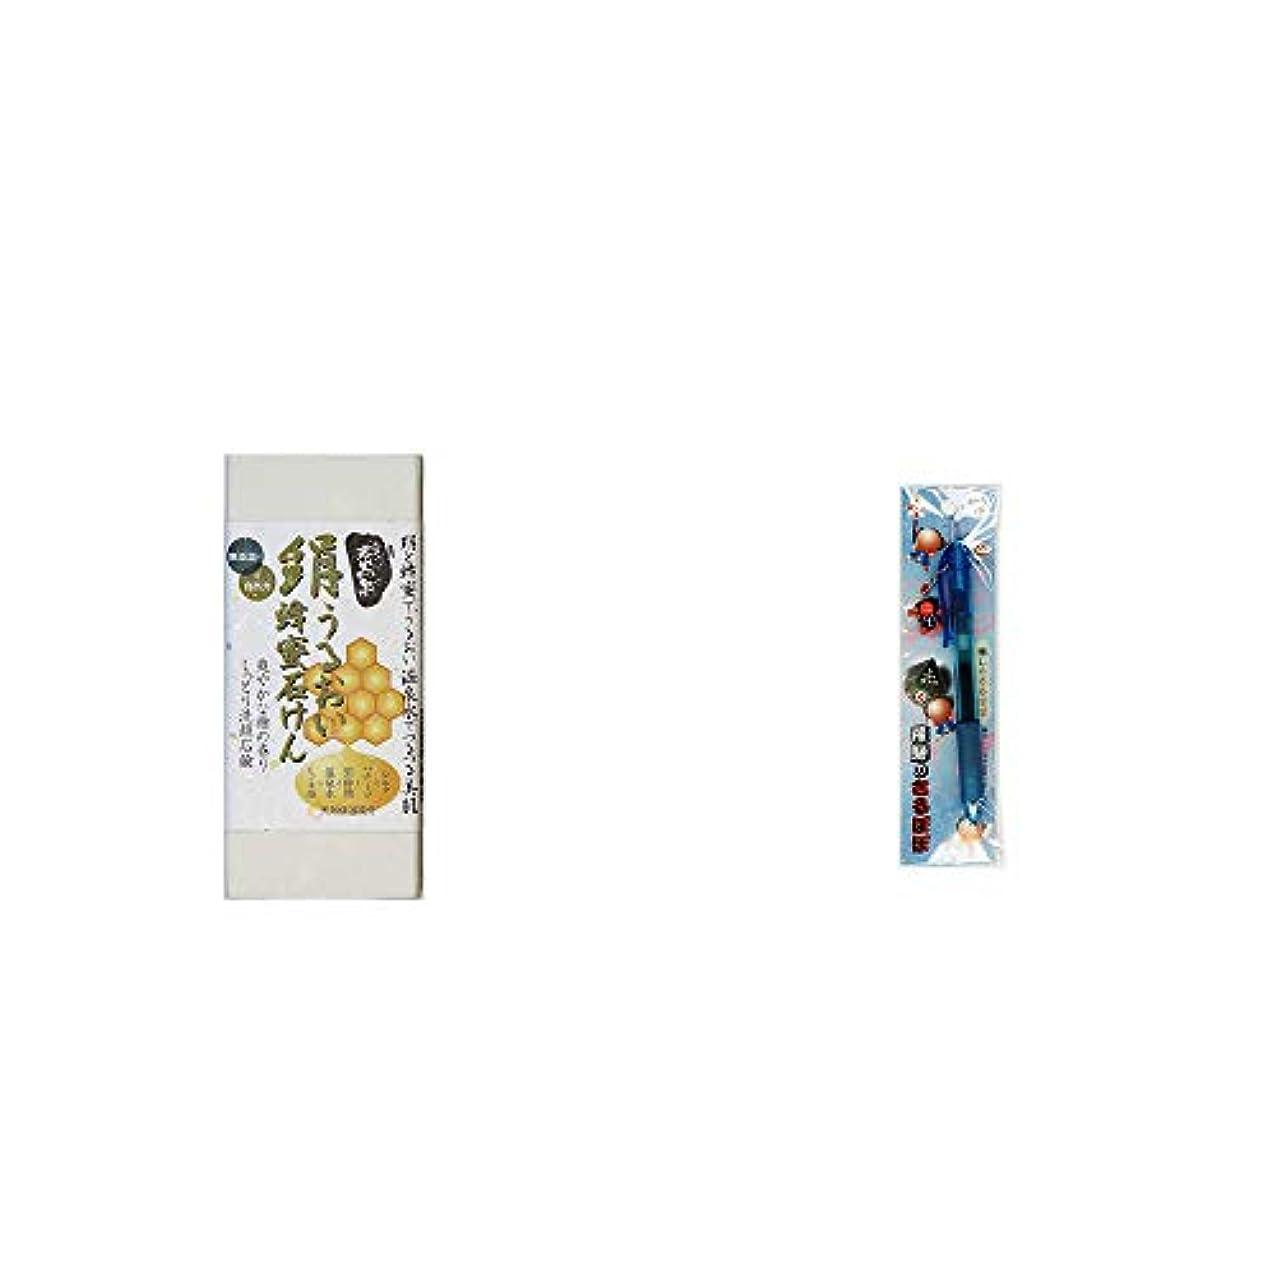 プラス安いですレビュアー[2点セット] ひのき炭黒泉 絹うるおい蜂蜜石けん(75g×2)?さるぼぼ 癒しボールペン 【ブルー】